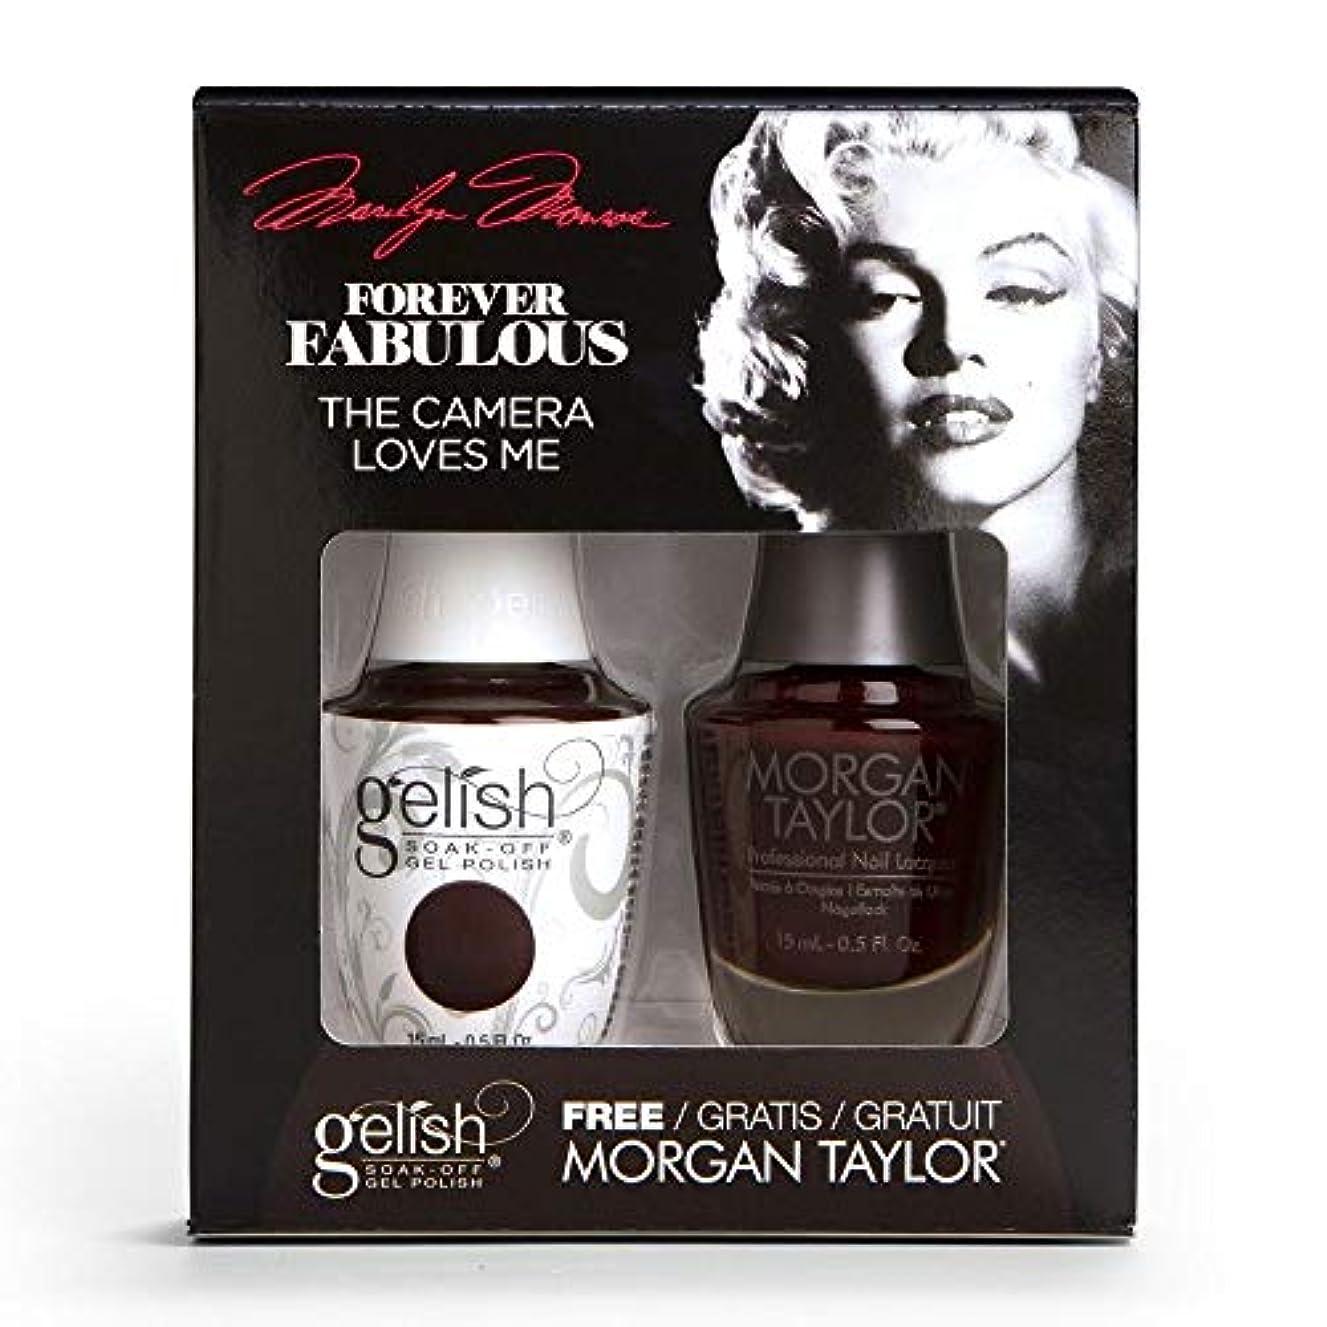 領事館コンベンションゴミ箱を空にするHarmony Gelish & Morgan Taylor - Two Of A Kind - Forever Fabulous Marilyn Monroe - The Camera Loves Me 15 mL /...